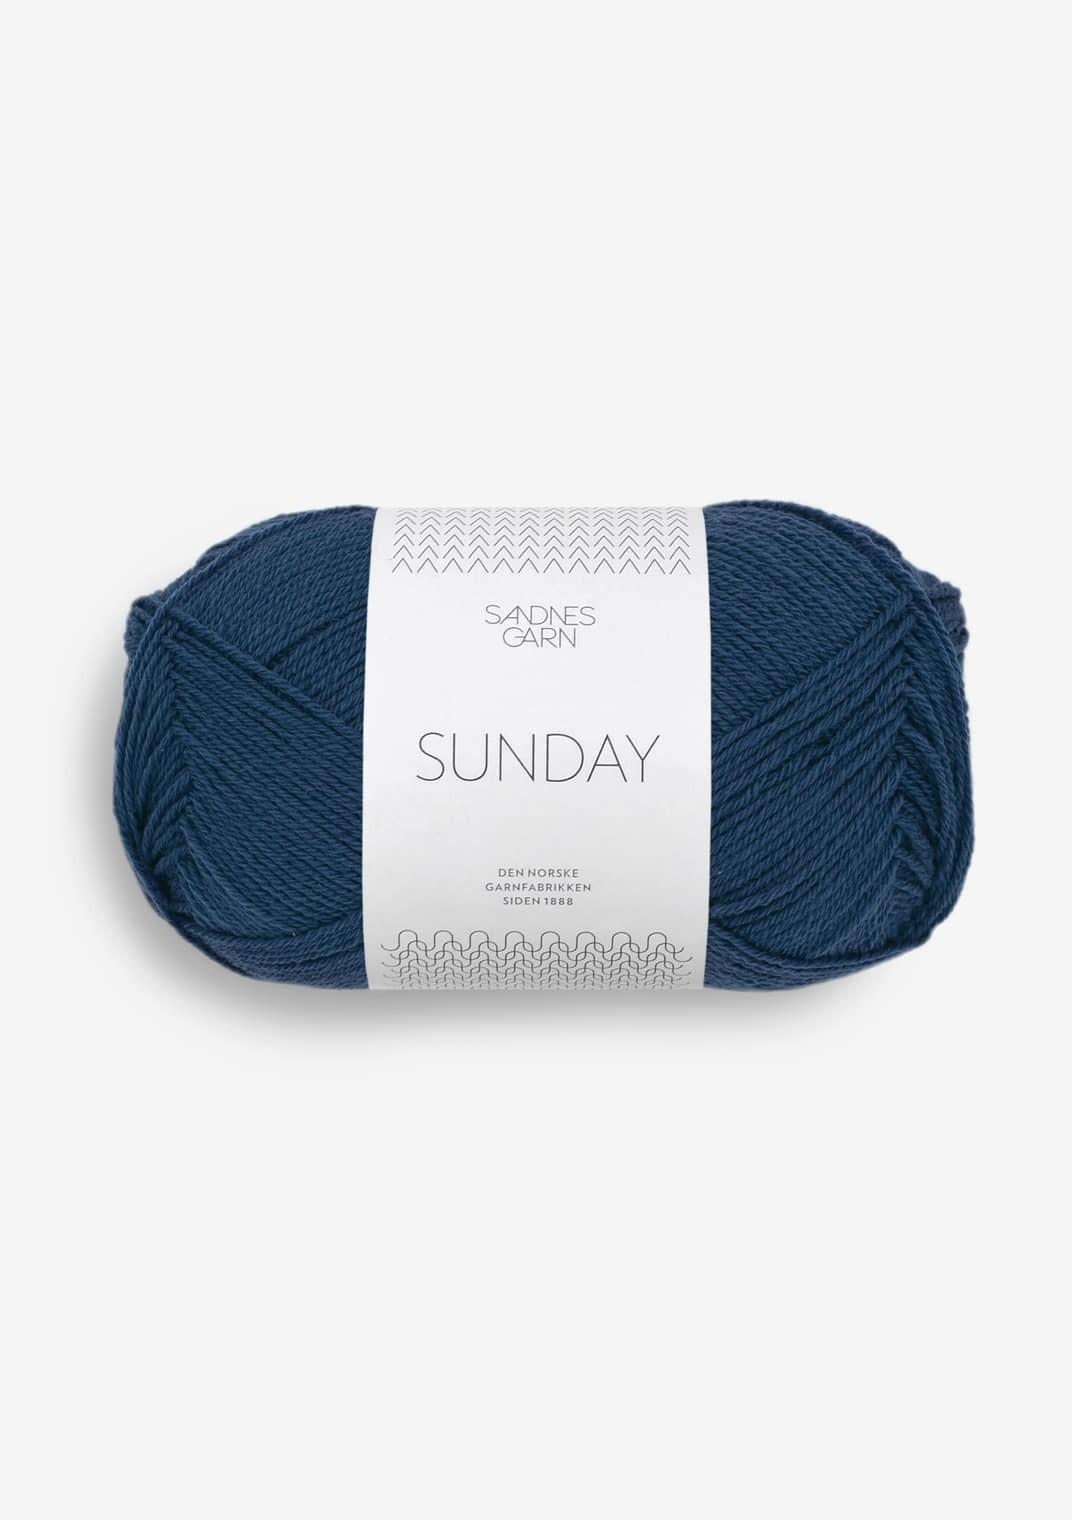 6062 Mørk Blå Sunday